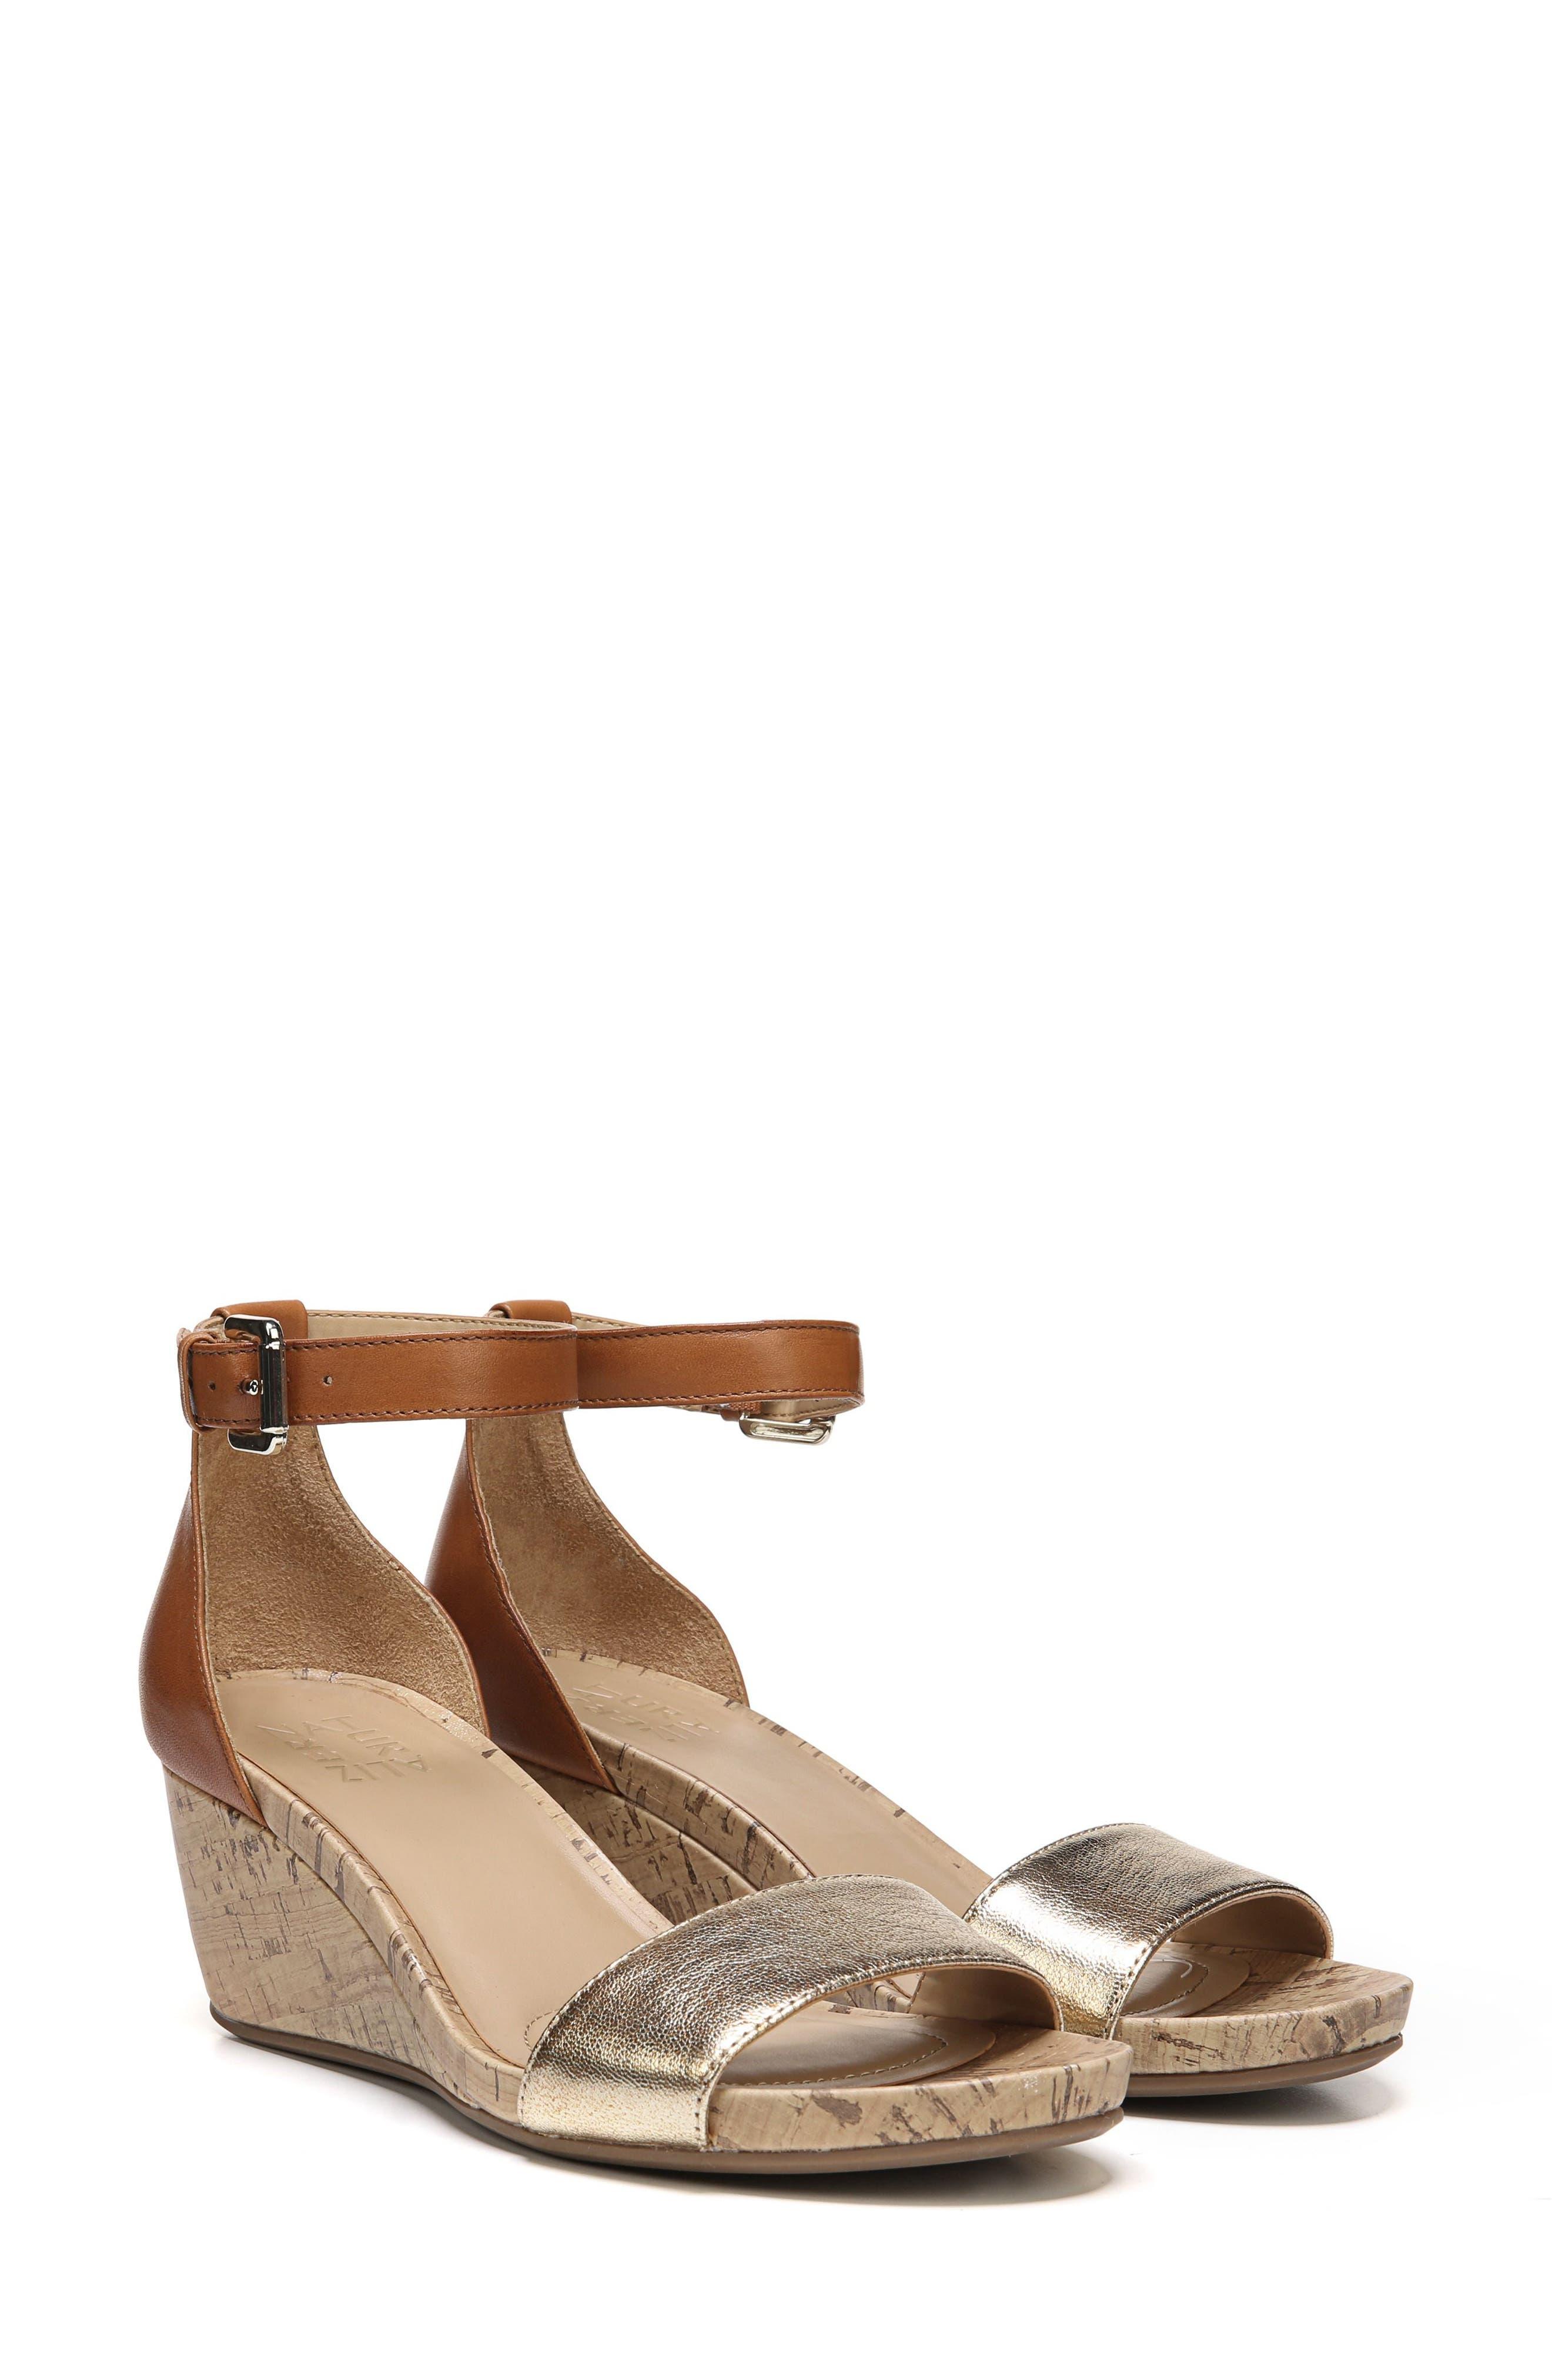 Naturalizer Cami Wedge Sandal, Brown